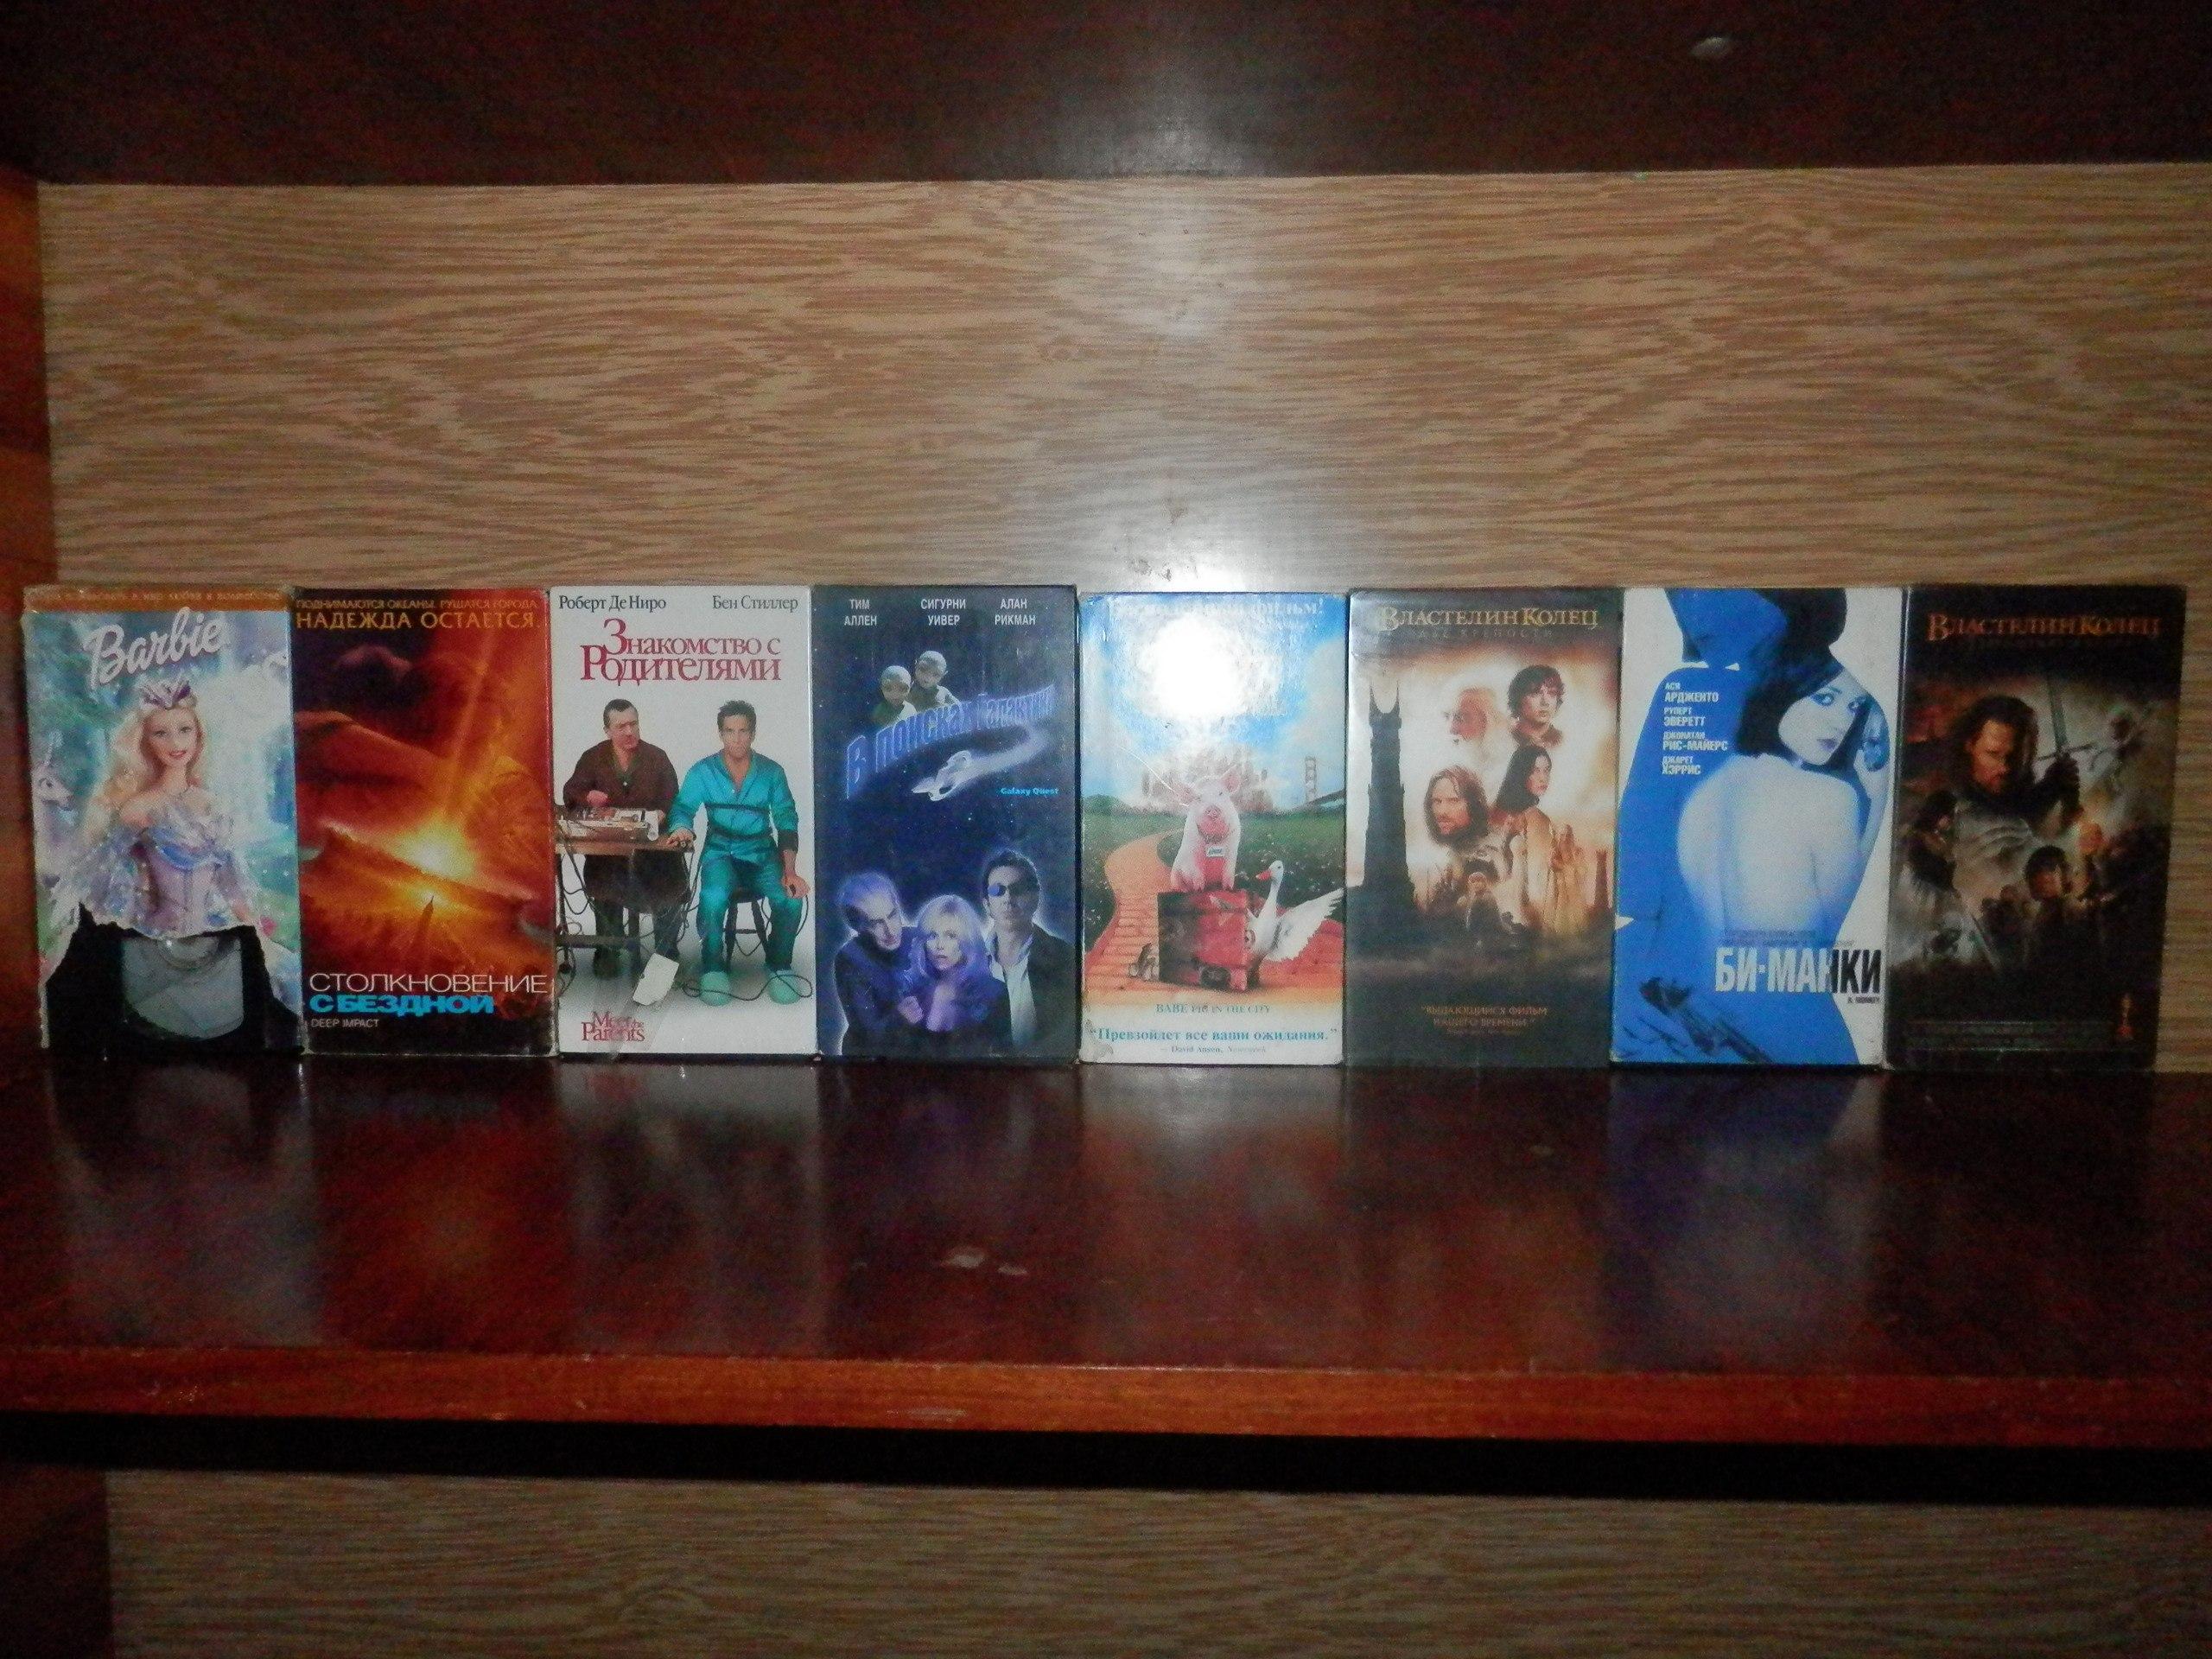 Порно коллекция на видеокассетах, порно просмотр клиторы